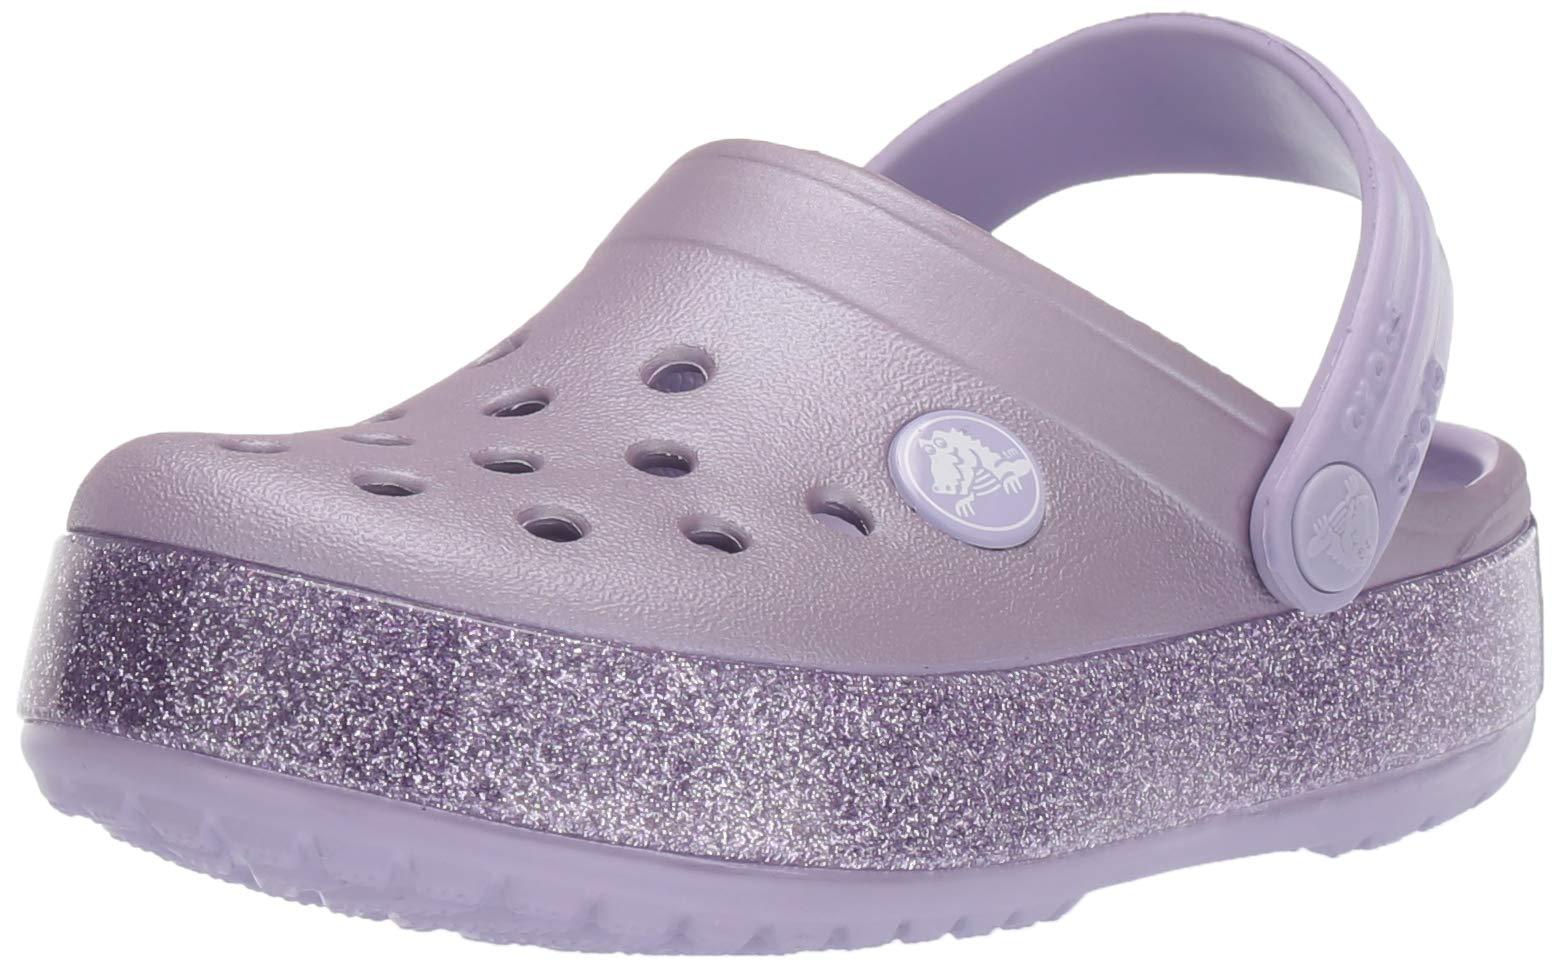 Crocs Kid's Crocband Glitter Clog, Lavender, 9 M US Toddler